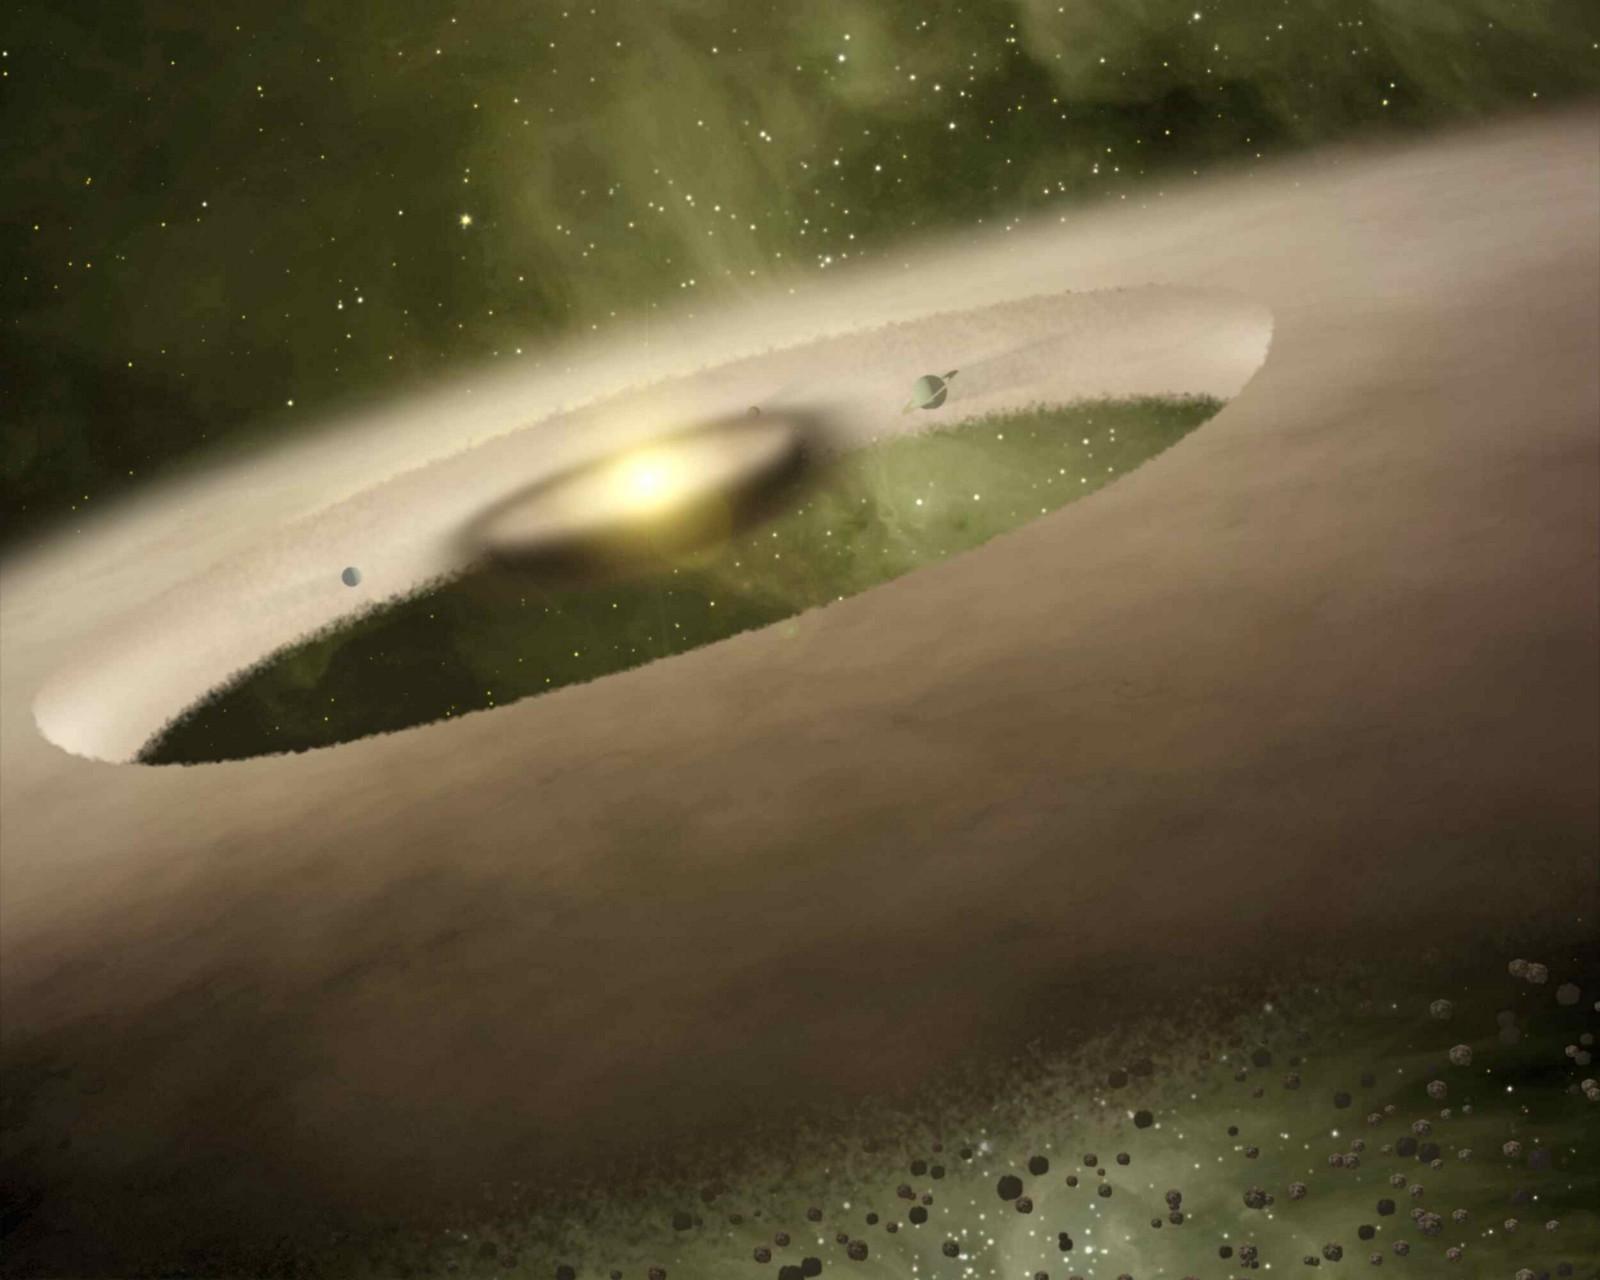 المجموعة الشمسية فقدت أحد كواكبها في فترة نشوئها